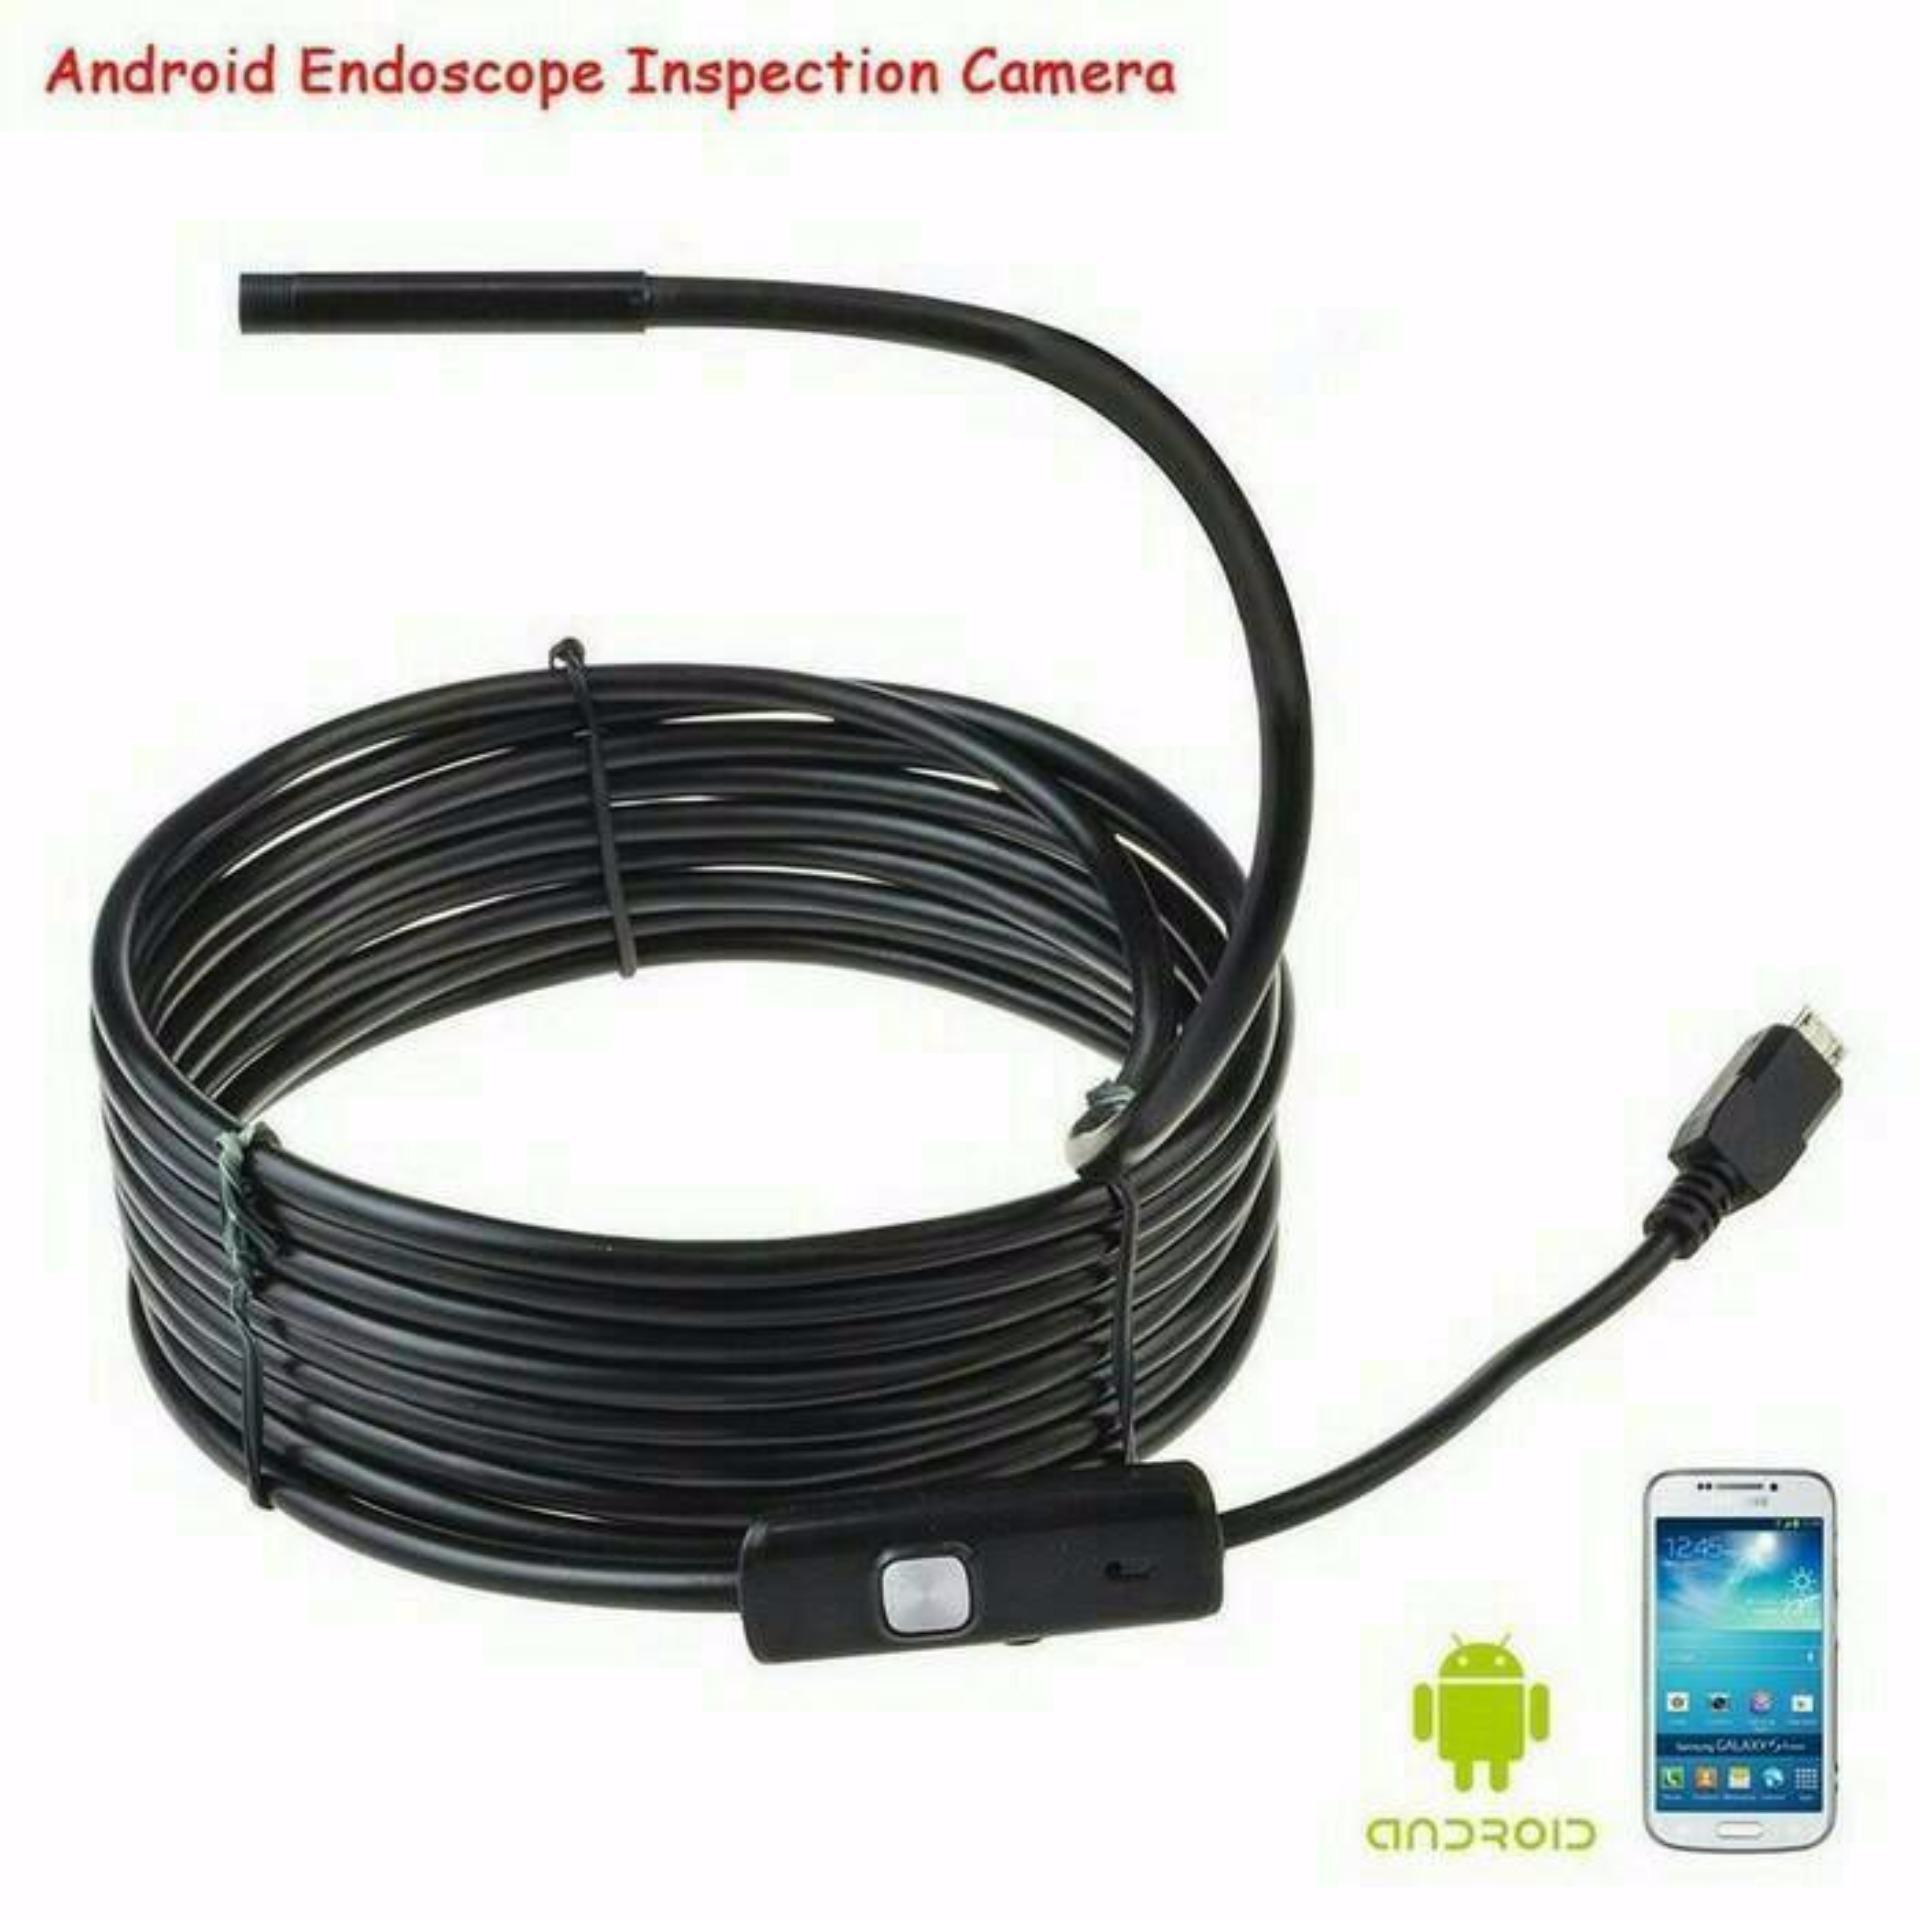 Kamera Kabel / Endoscope Camera Panjang 5 Meter